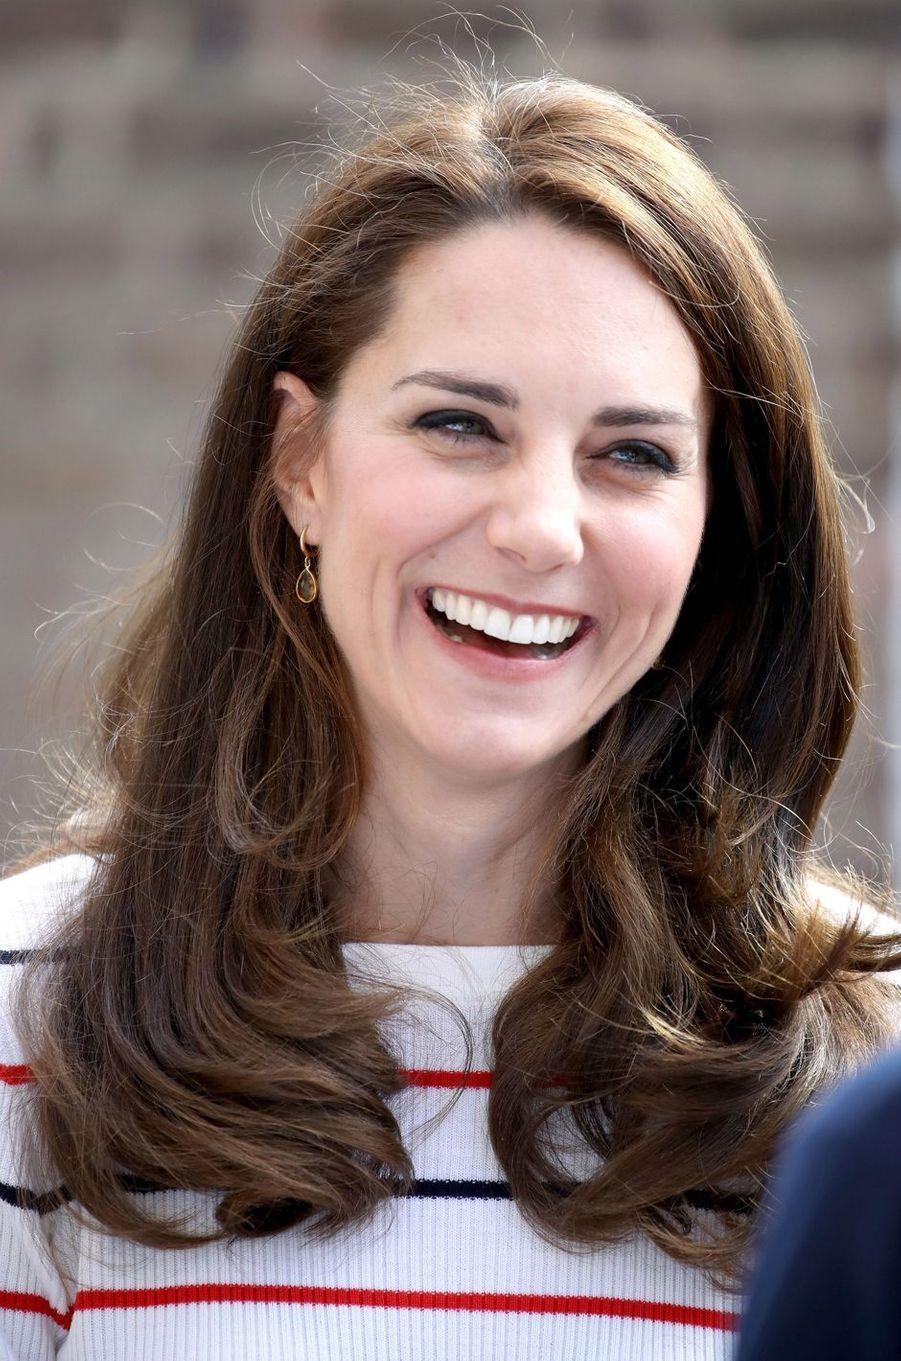 La duchesse de Cambridge à Londres, le 19 avril 2017